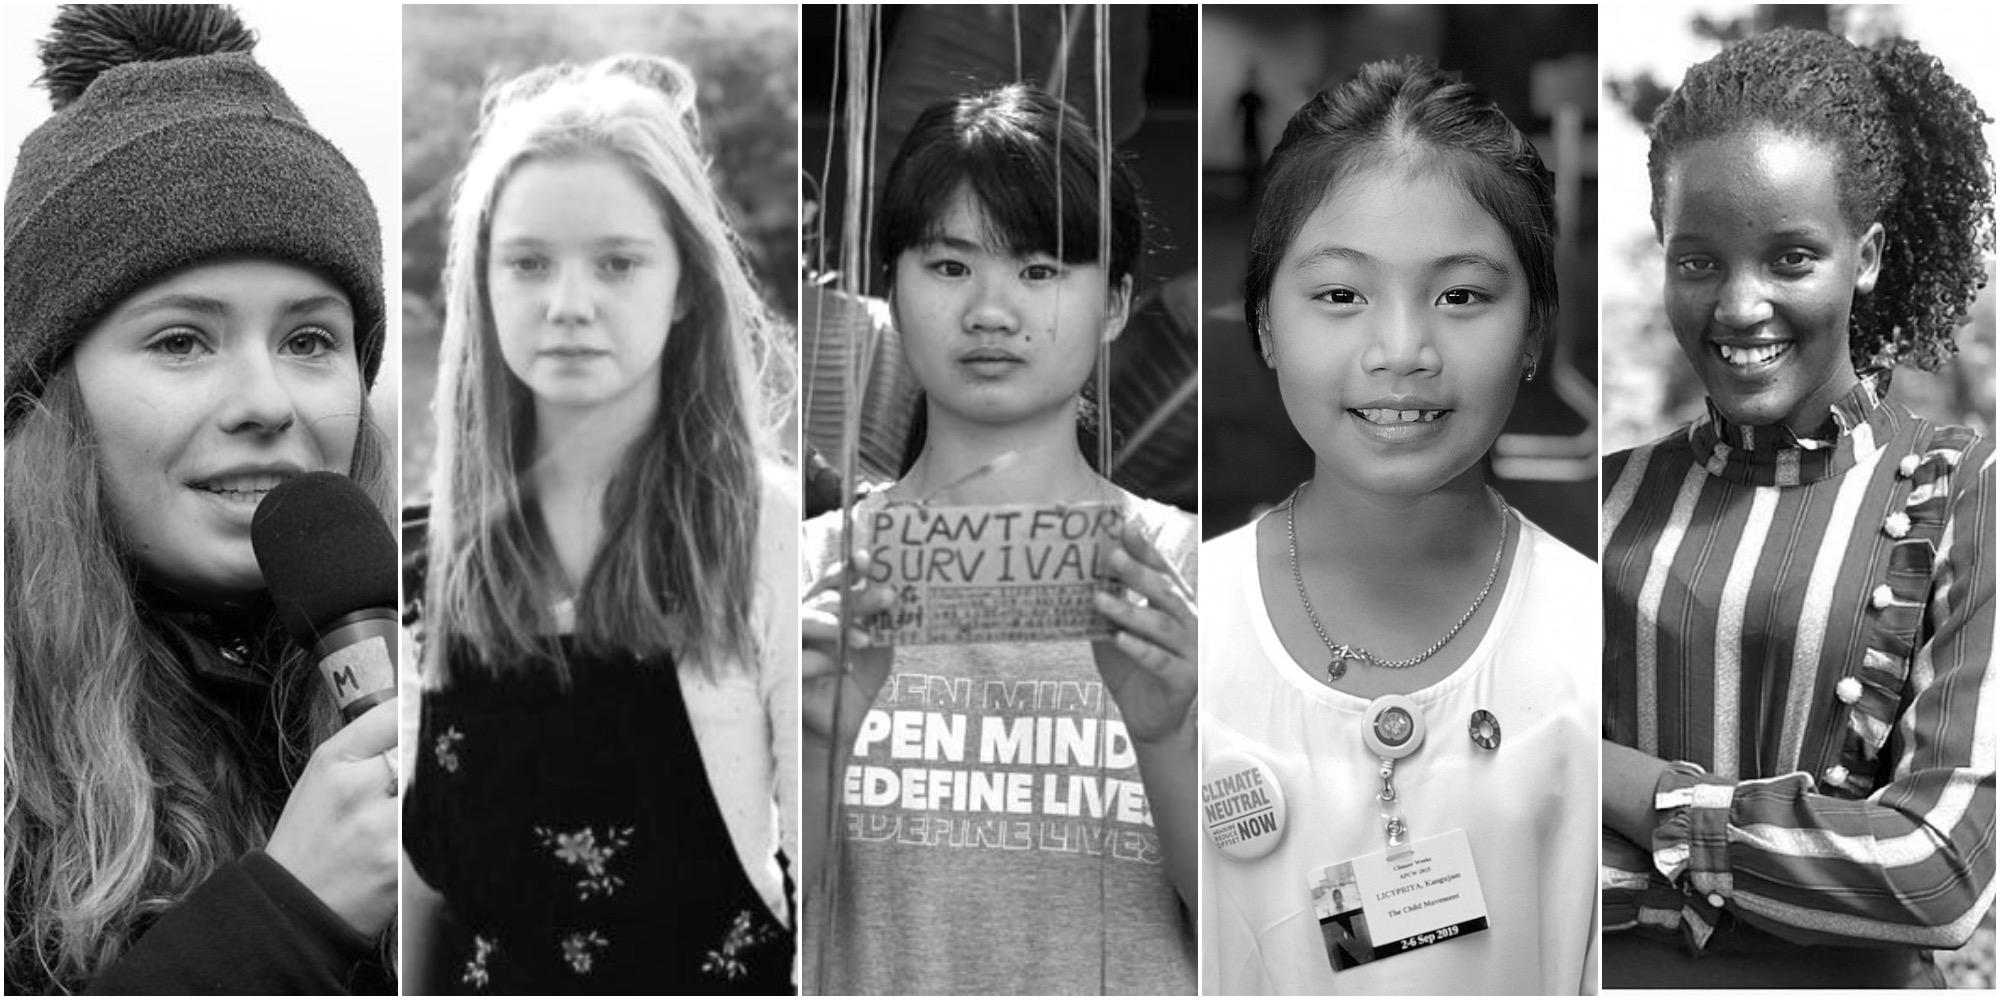 Greta Thunberg-generationen